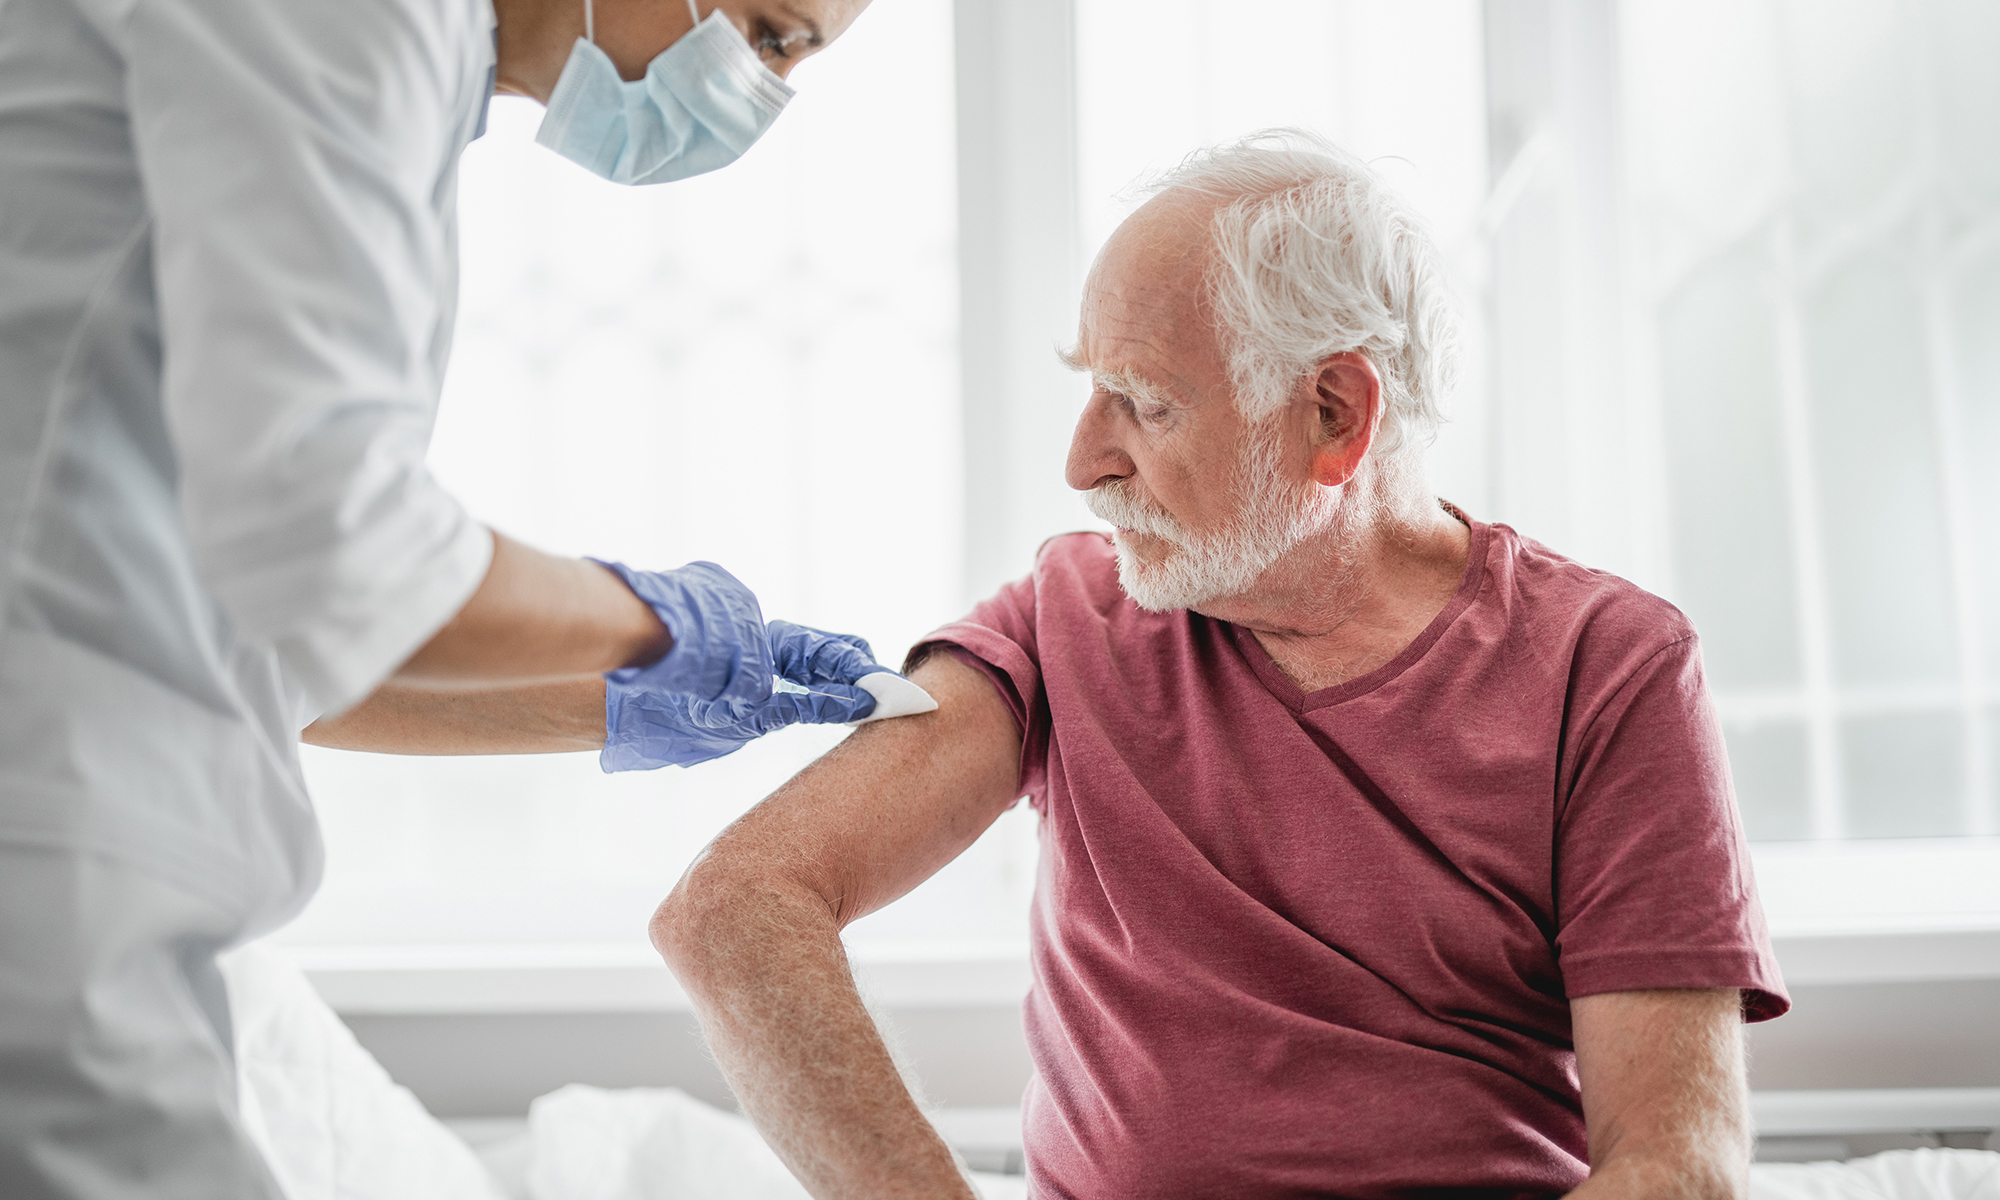 Impfende Ärzte könnten sich strafbar machen